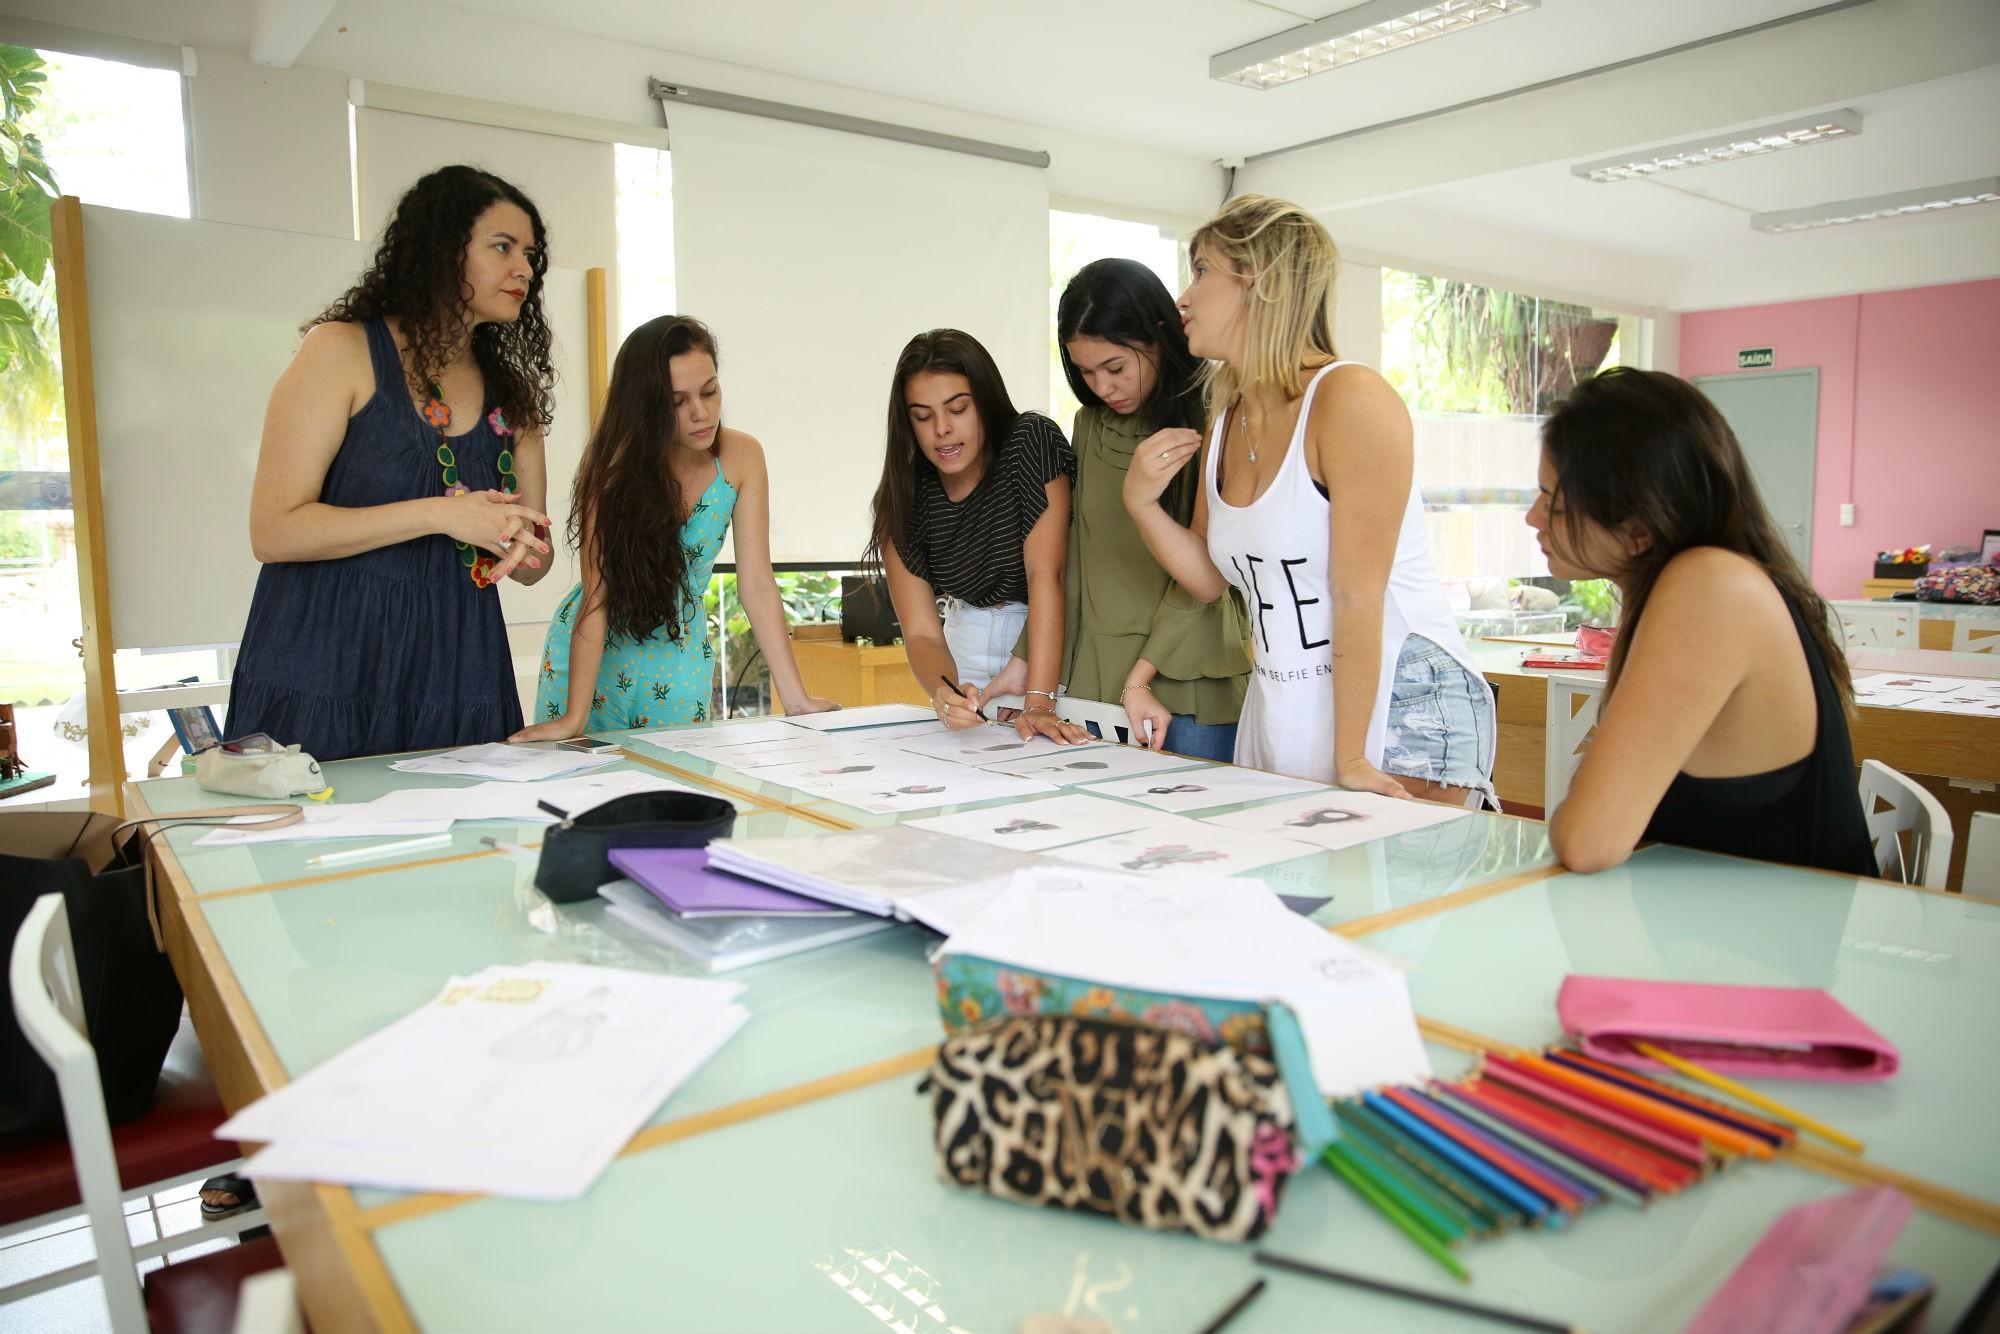 Graduação de curta duração: conheça os cursos da Unifor